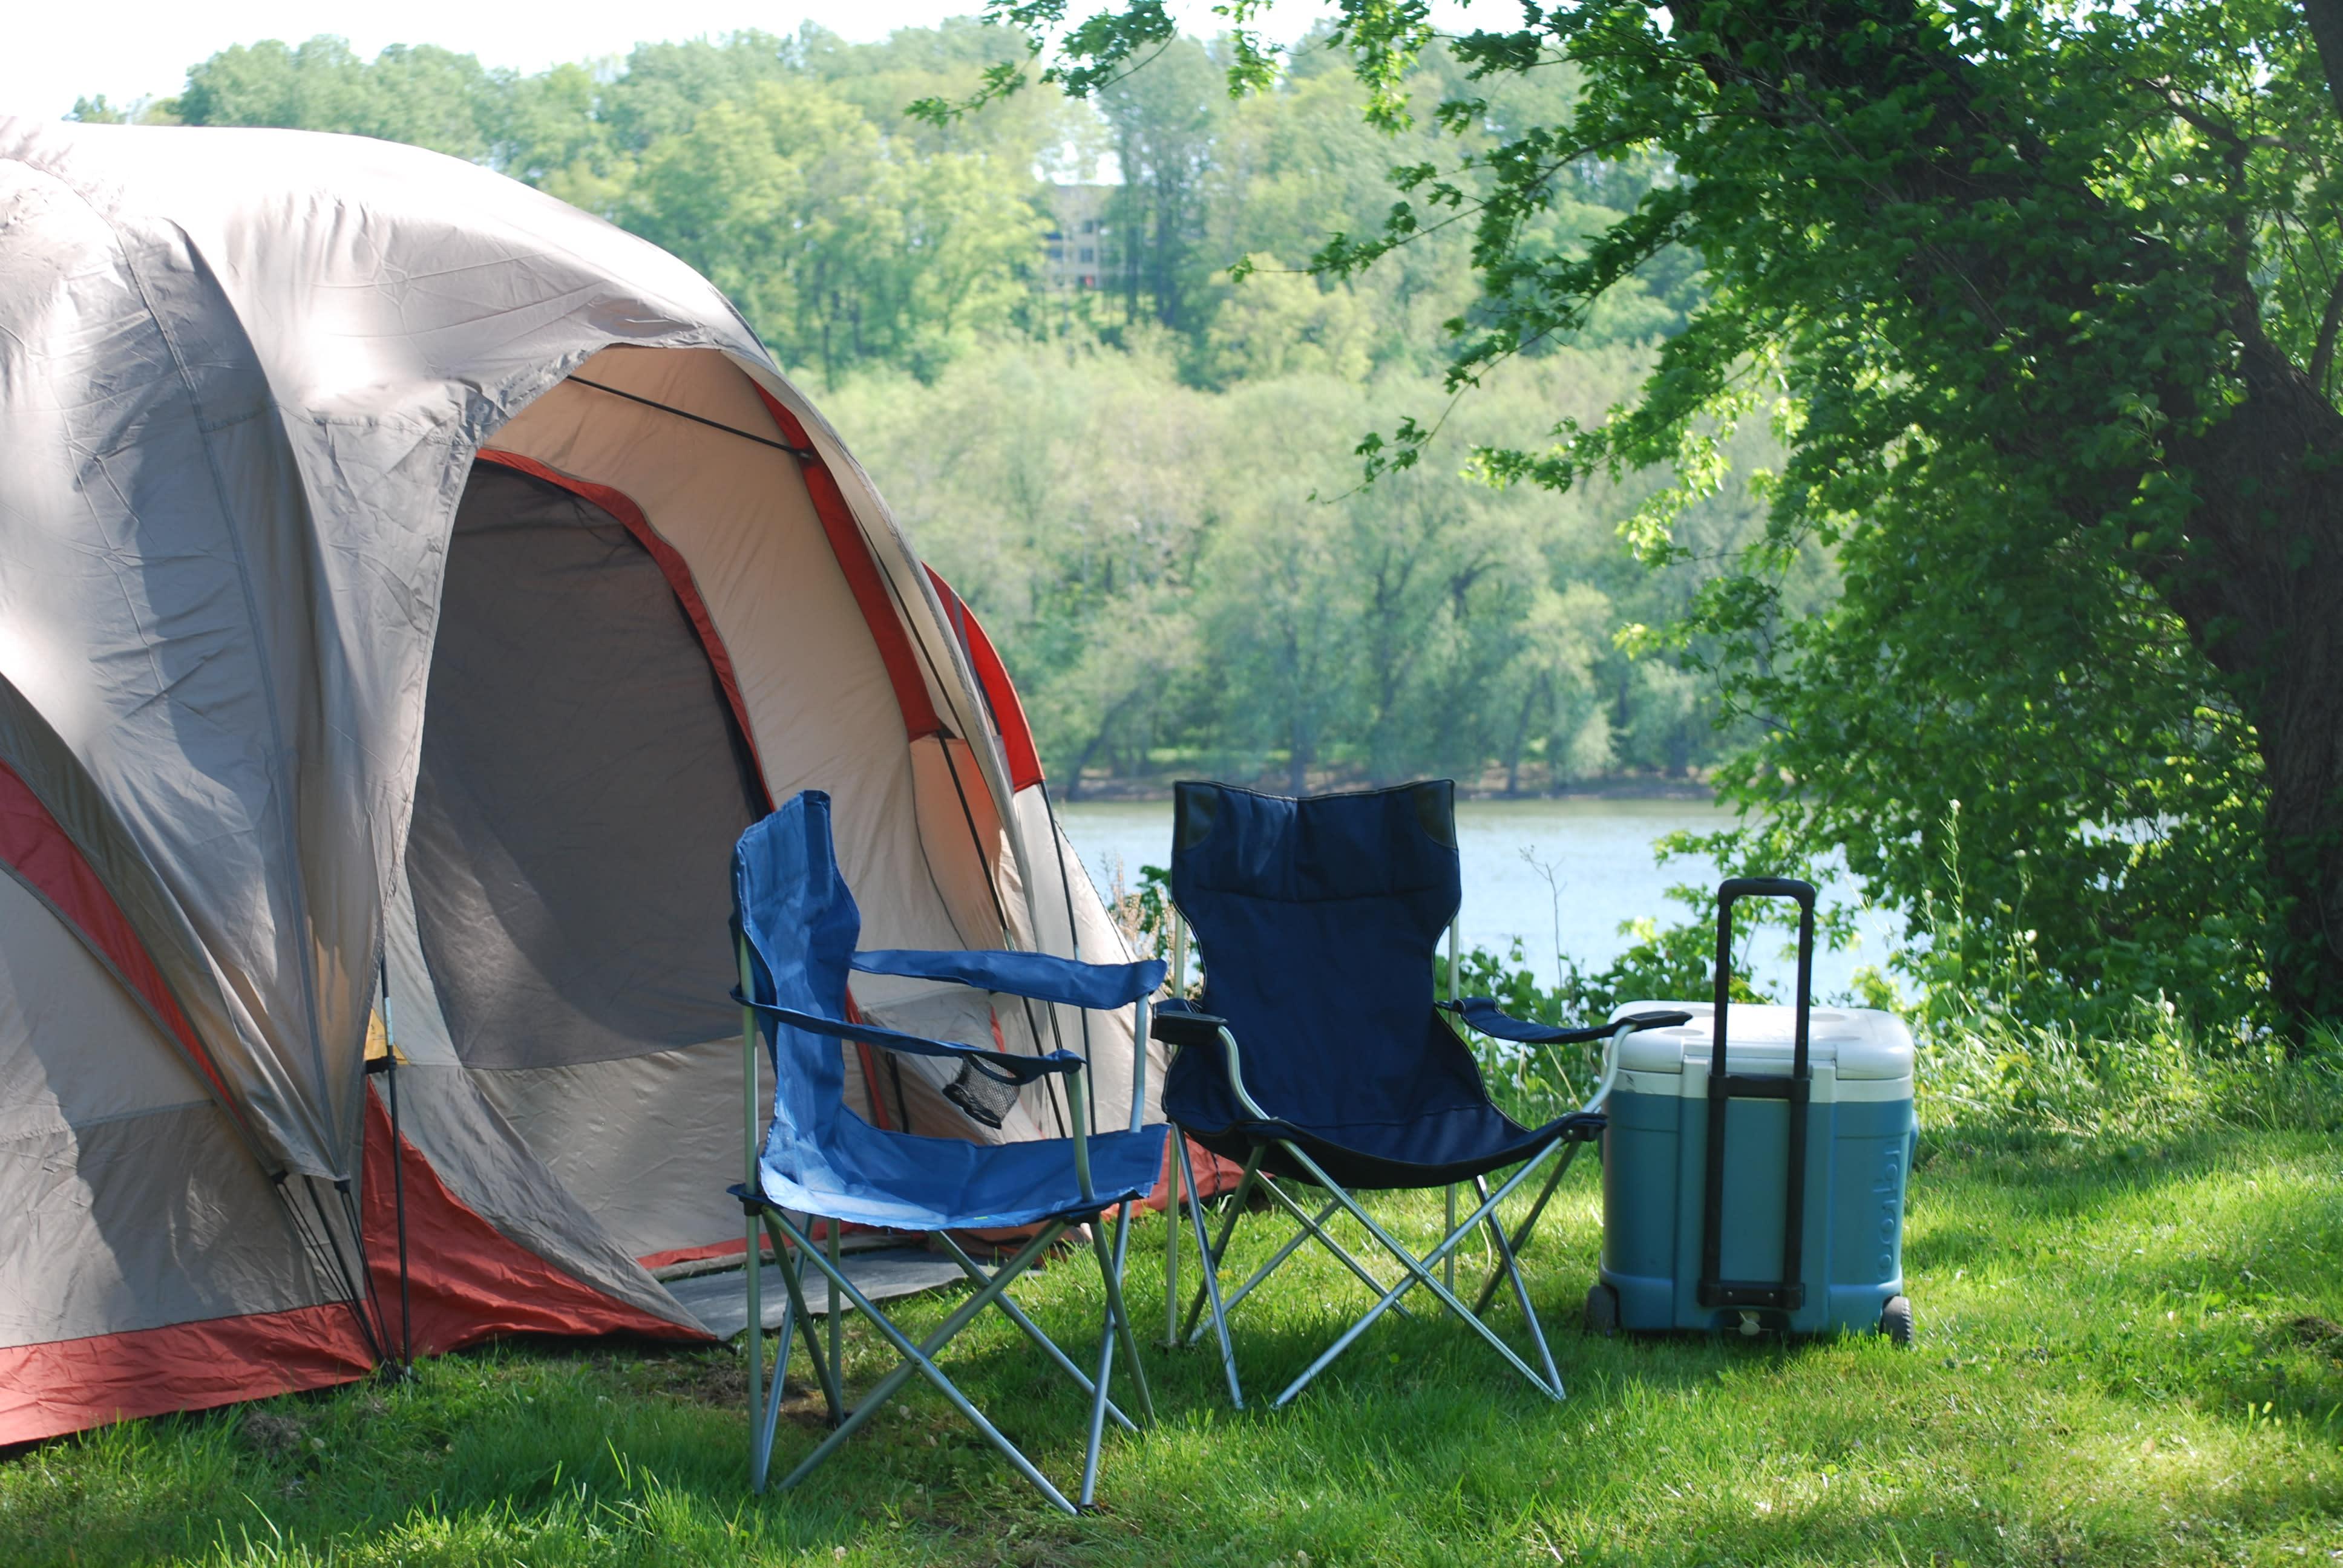 Brunswick Family Campground Brunswick Md 21716